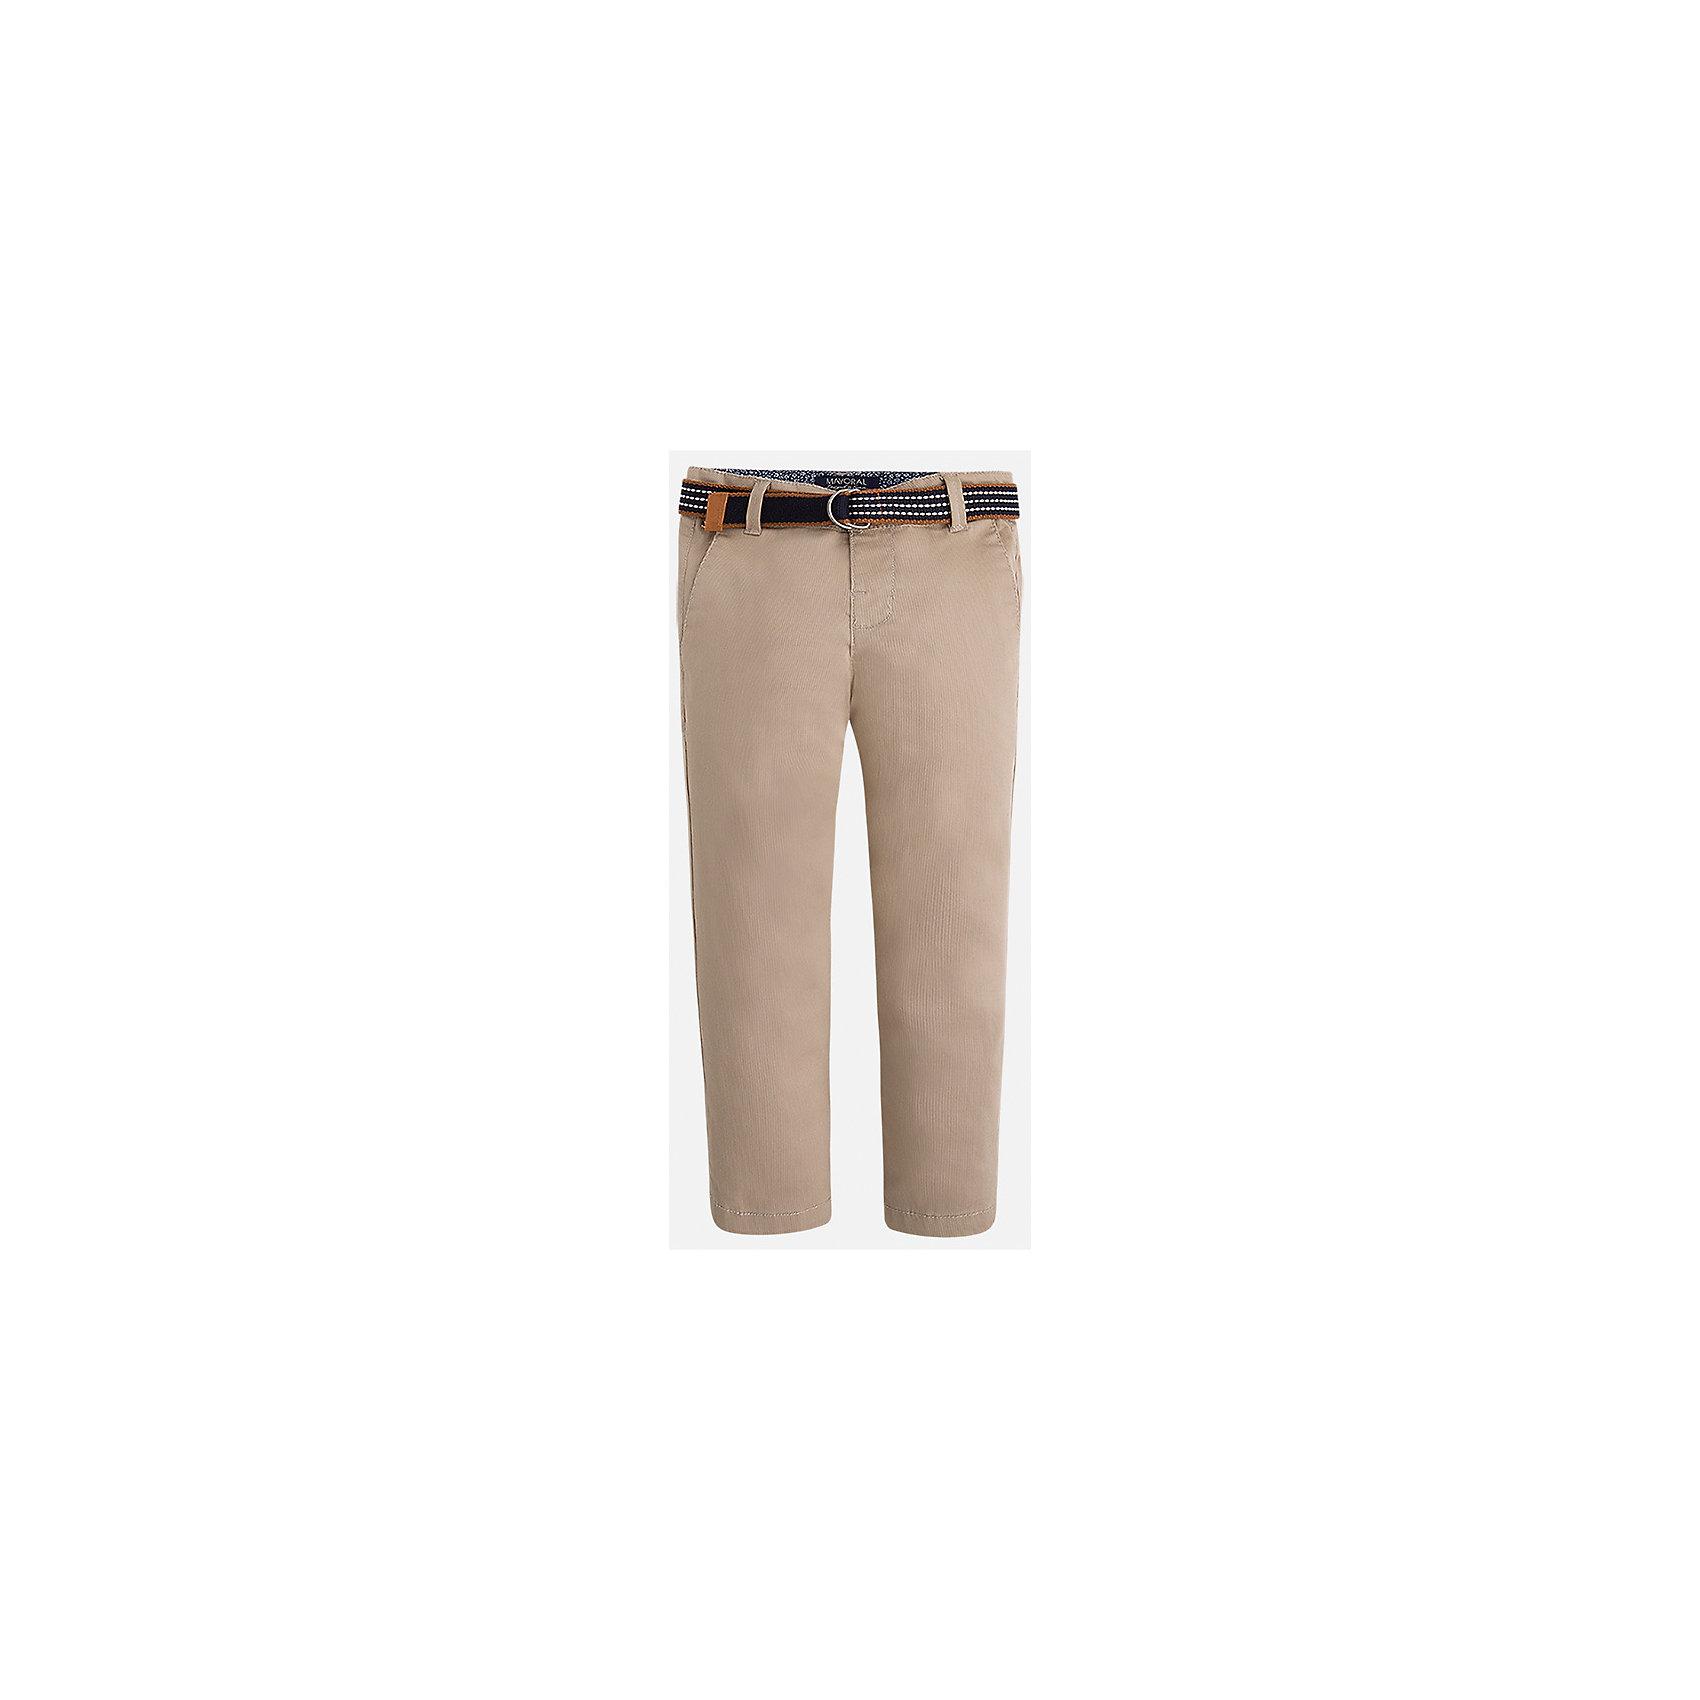 Брюки для мальчика MayoralБрюки<br>Характеристики товара:<br><br>• цвет: бежевый<br>• состав: 98% хлопок, 2% эластан<br>• контрастная подкладка<br>• шлевки<br>• карманы<br>• пояс с регулировкой объема<br>• классический силуэт<br>• страна бренда: Испания<br><br>Модные брюки для мальчика смогут стать базовой вещью в гардеробе ребенка. Они отлично сочетаются с майками, футболками, рубашками и т.д.  В составе материала - натуральный хлопок, гипоаллергенный, приятный на ощупь, дышащий.<br><br>Брюки для мальчика от испанского бренда Mayoral (Майорал) можно купить в нашем интернет-магазине.<br><br>Ширина мм: 215<br>Глубина мм: 88<br>Высота мм: 191<br>Вес г: 336<br>Цвет: бежевый<br>Возраст от месяцев: 48<br>Возраст до месяцев: 60<br>Пол: Мужской<br>Возраст: Детский<br>Размер: 110,92,104,134,128,122,116,98<br>SKU: 5280783